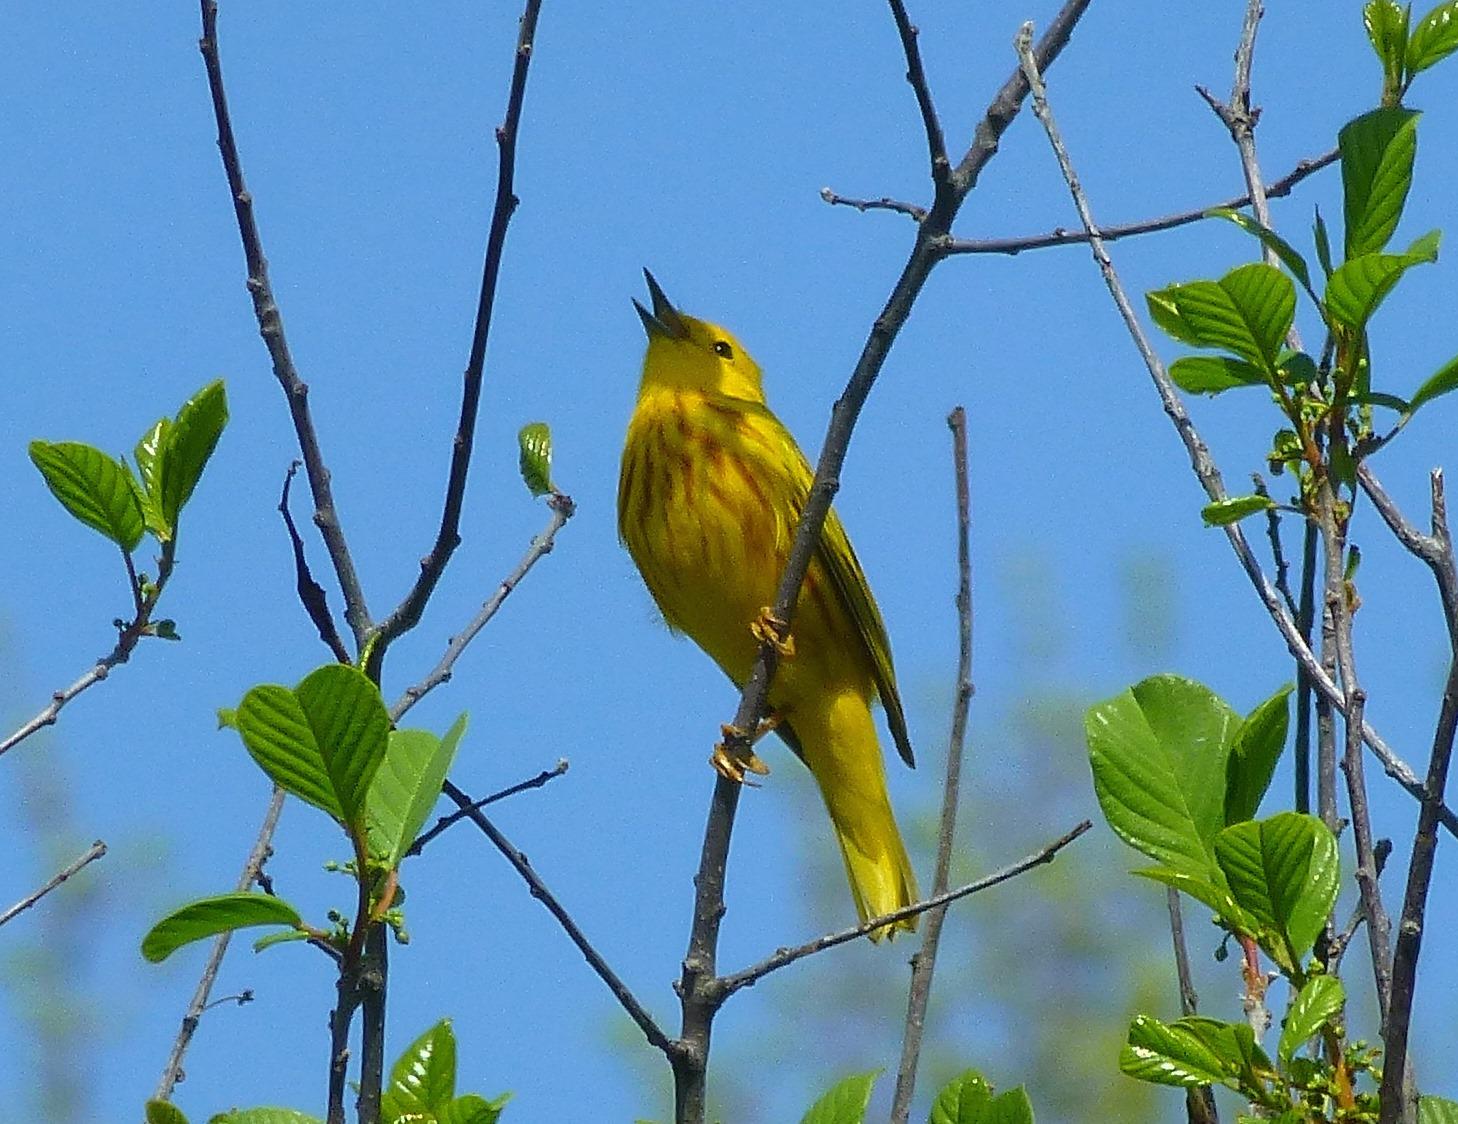 yellow warbler singing copyright 2015 Pamm Cooper